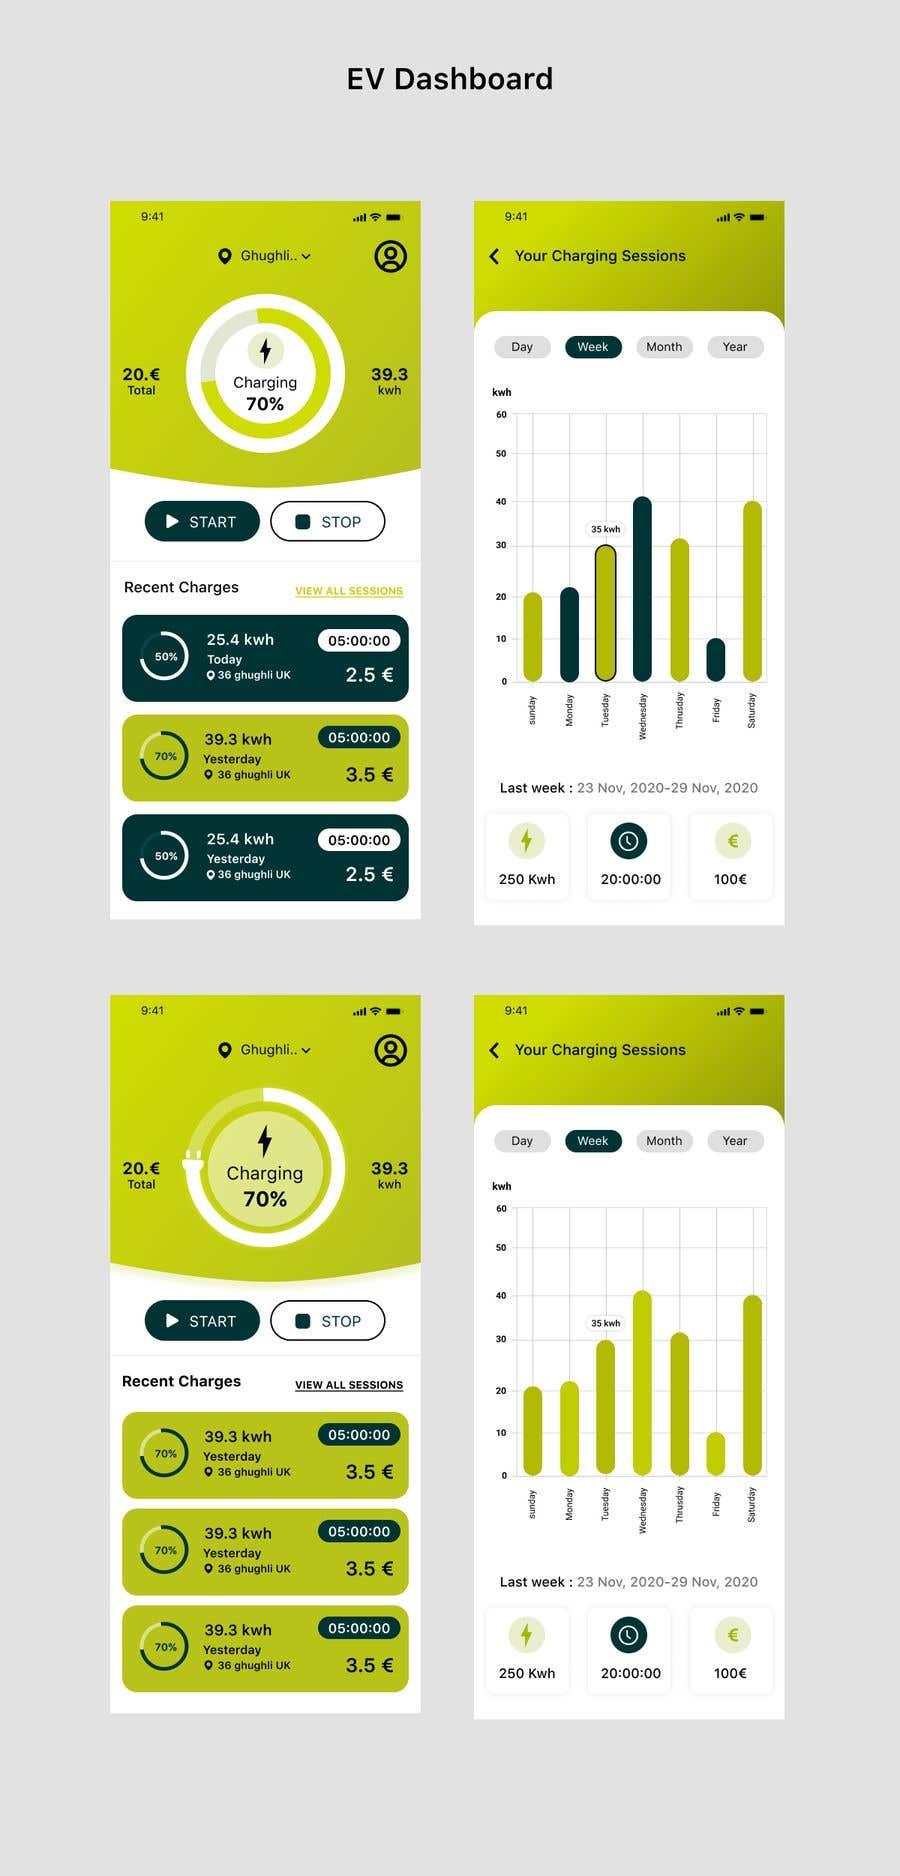 Penyertaan Peraduan #                                        35                                      untuk                                         Dashboard UI of EV Charger App